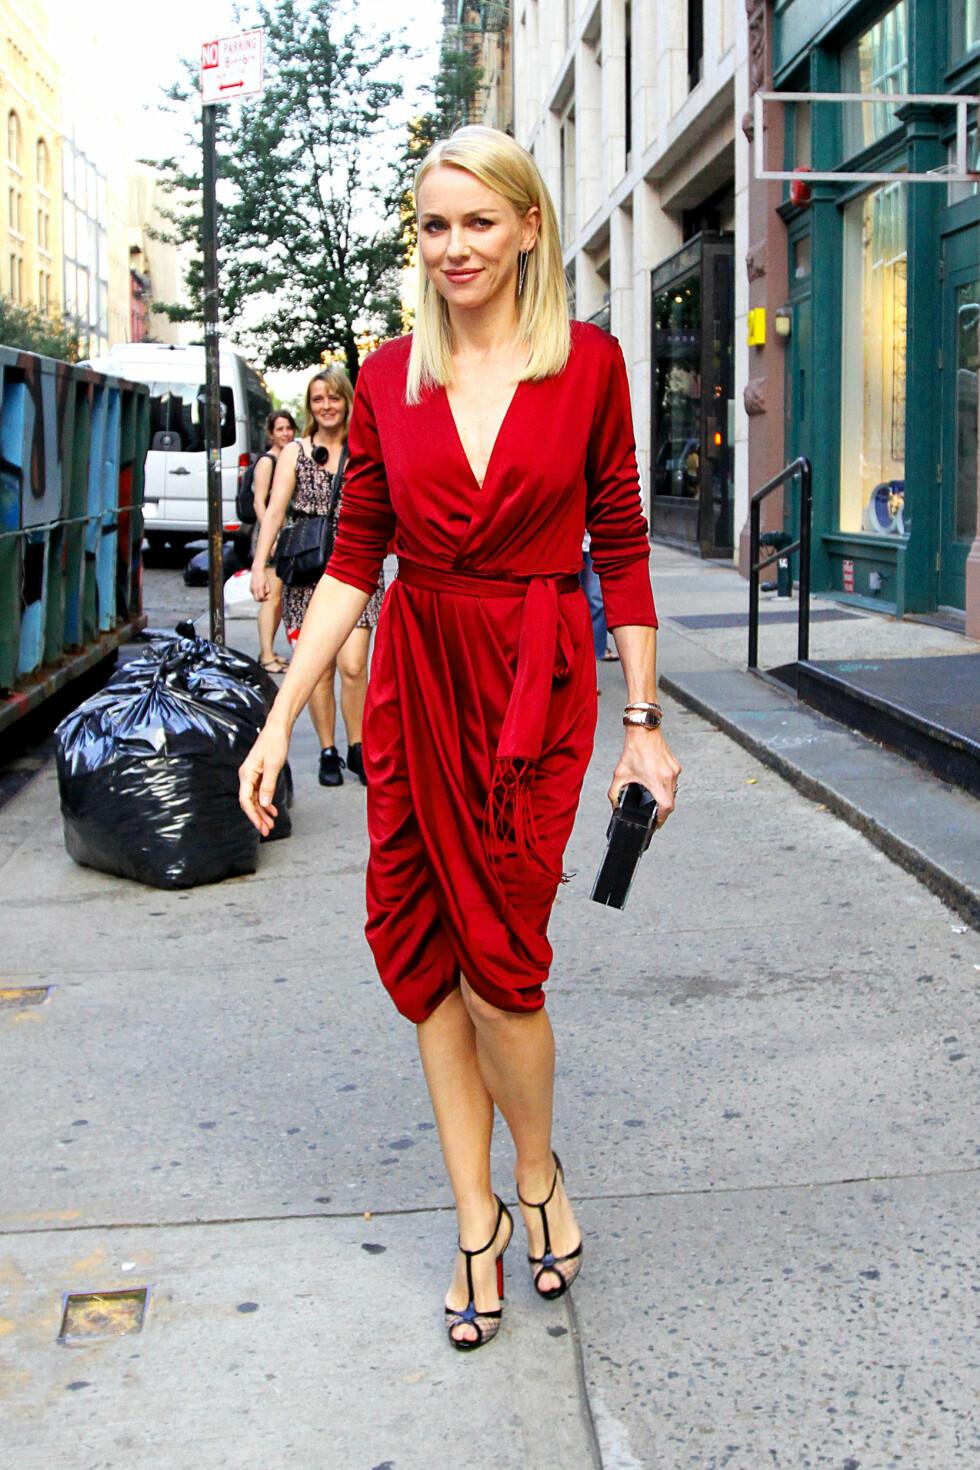 LEKKER SKJÆRING FOR NORMALT STORE PUPPER: Skuespiller Naomi Watts ser flott ut i denne omslagskjolen. Foto: Said Elatab / Splash News/ All O